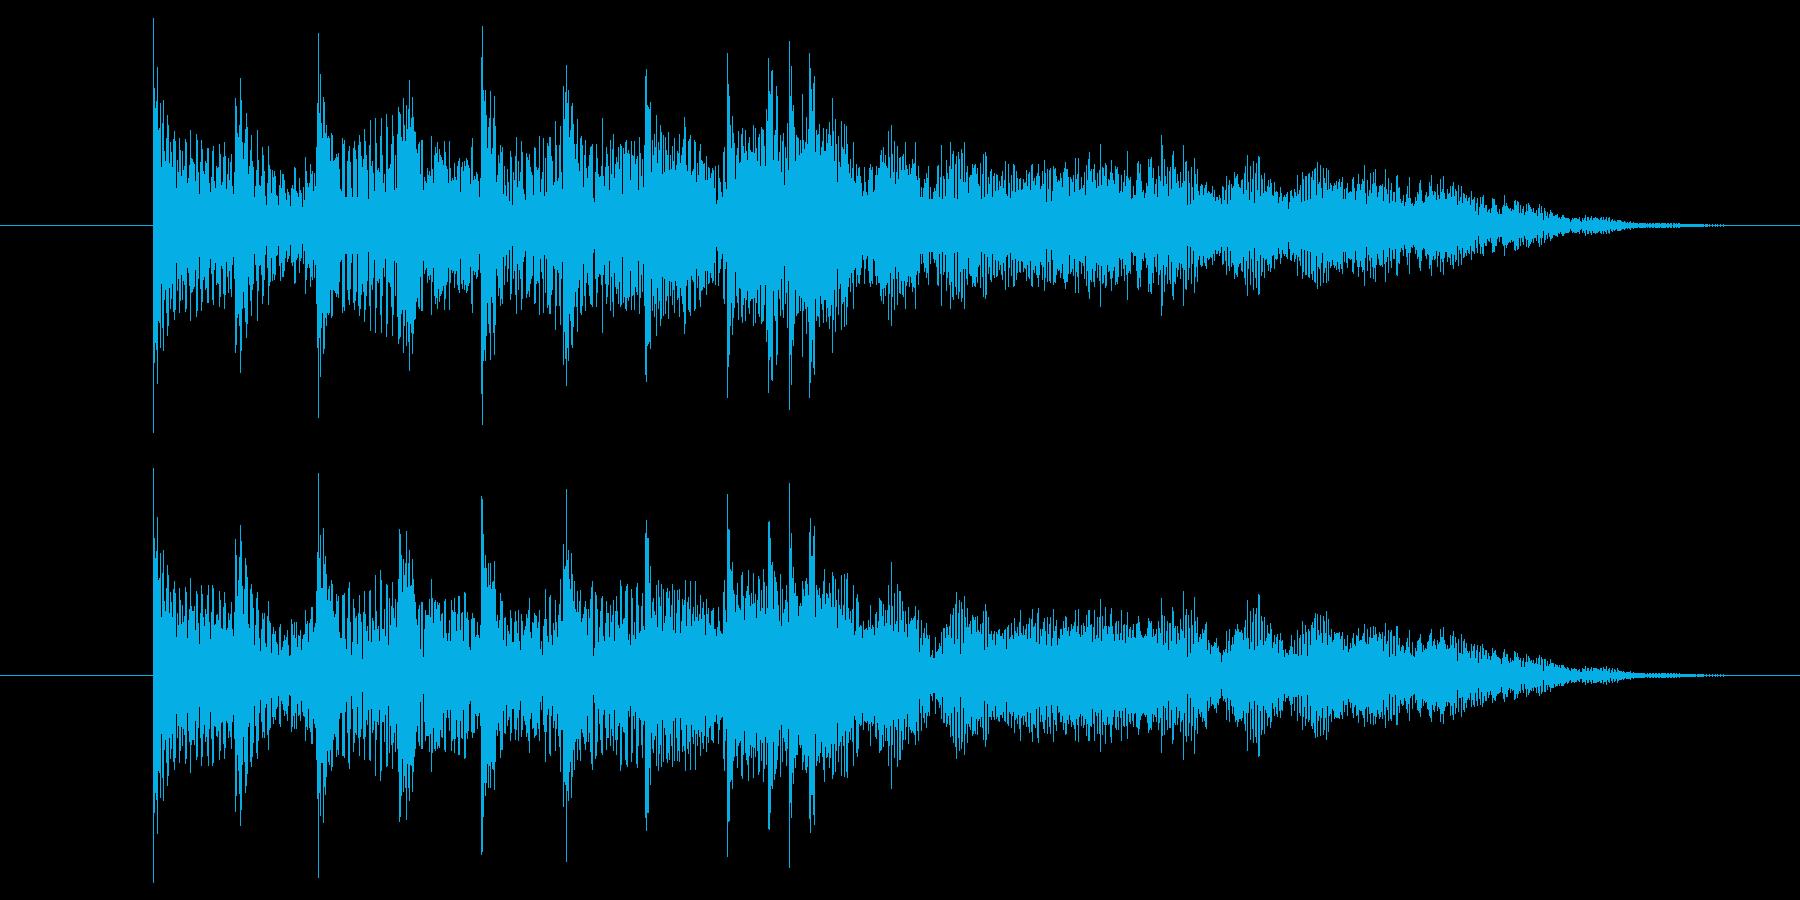 アイテムゲットをイメージしたジングルの再生済みの波形